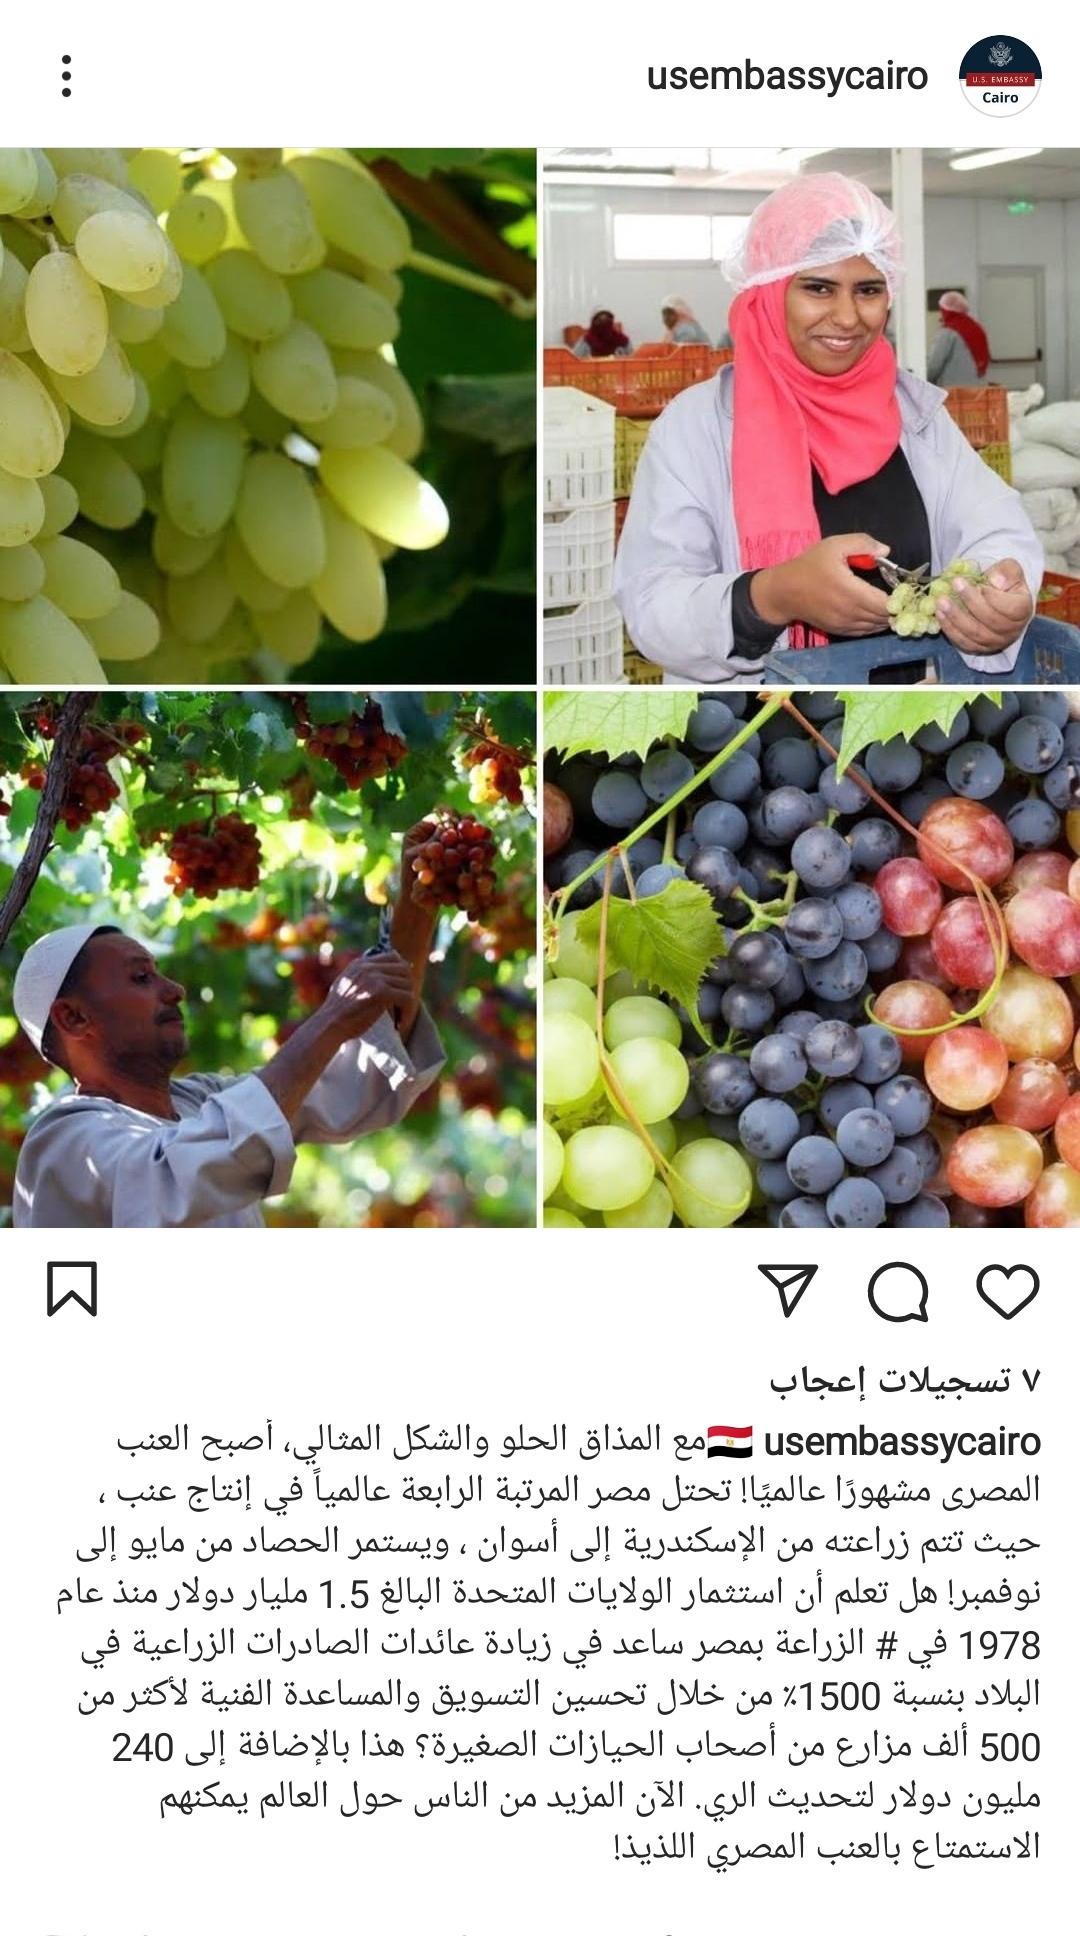 حساب السفارة المصرية بالقاهرة